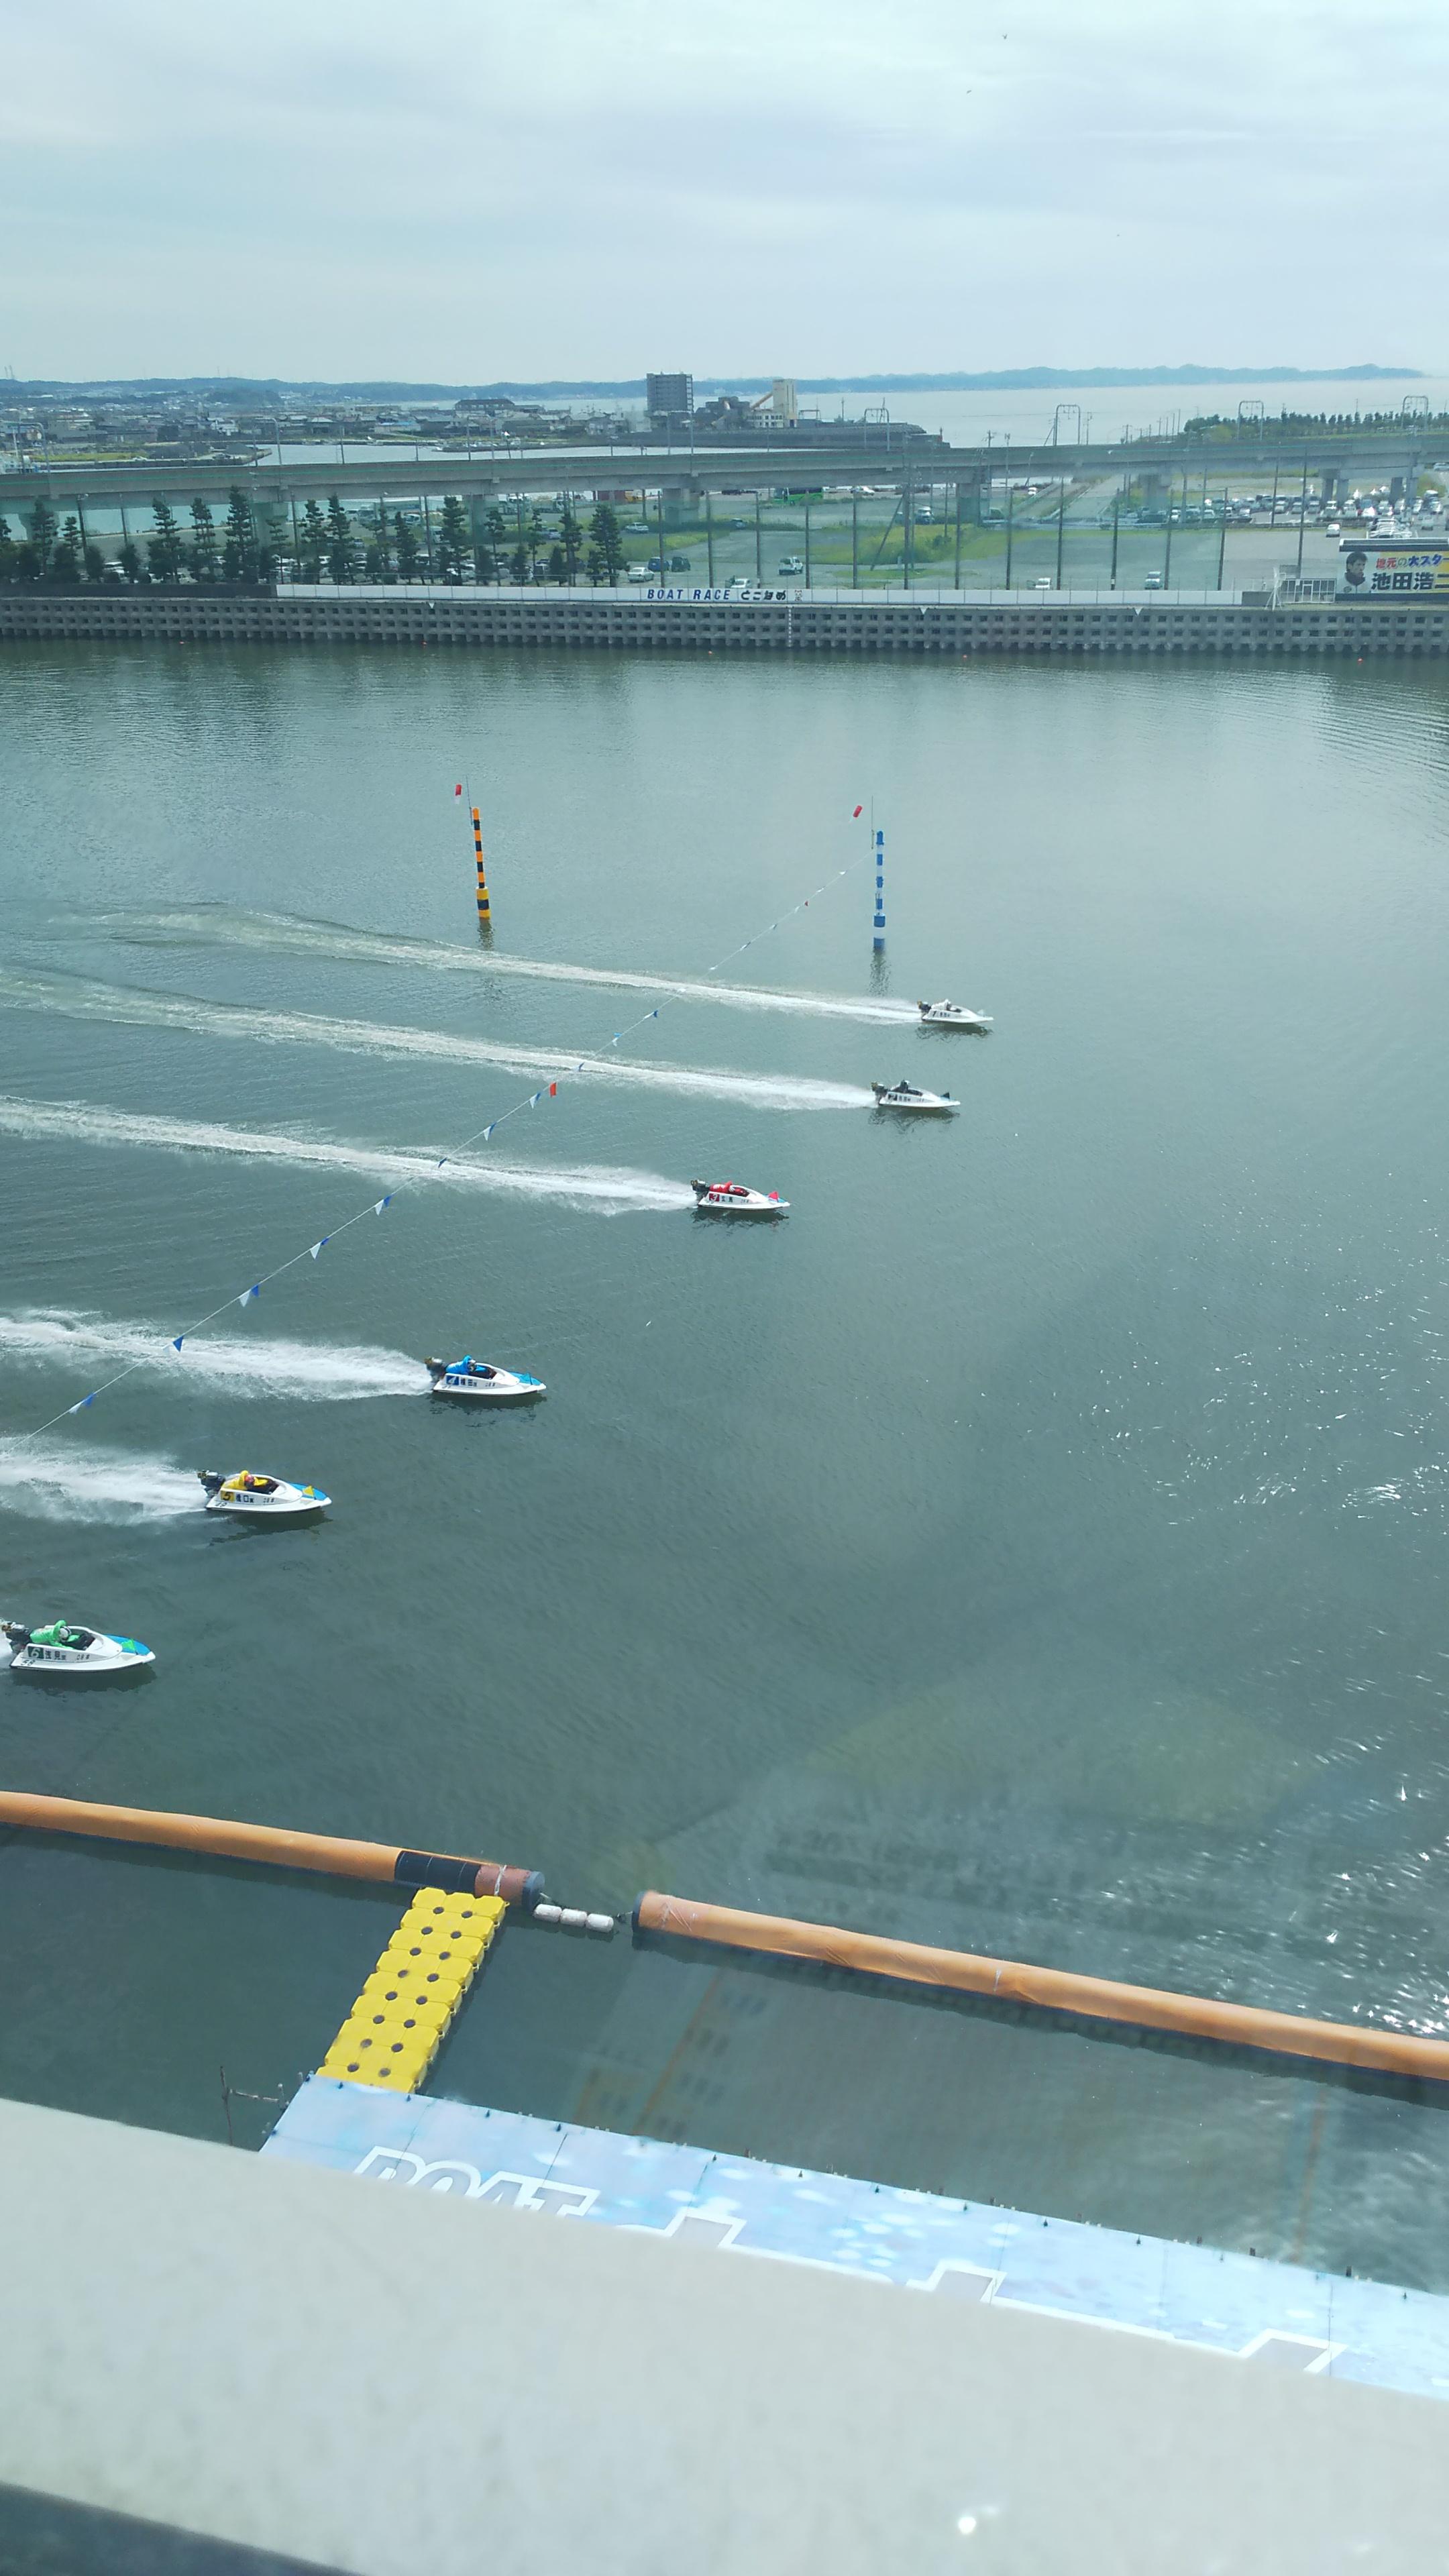 イメージが変わった!シティイベント、ボートレース